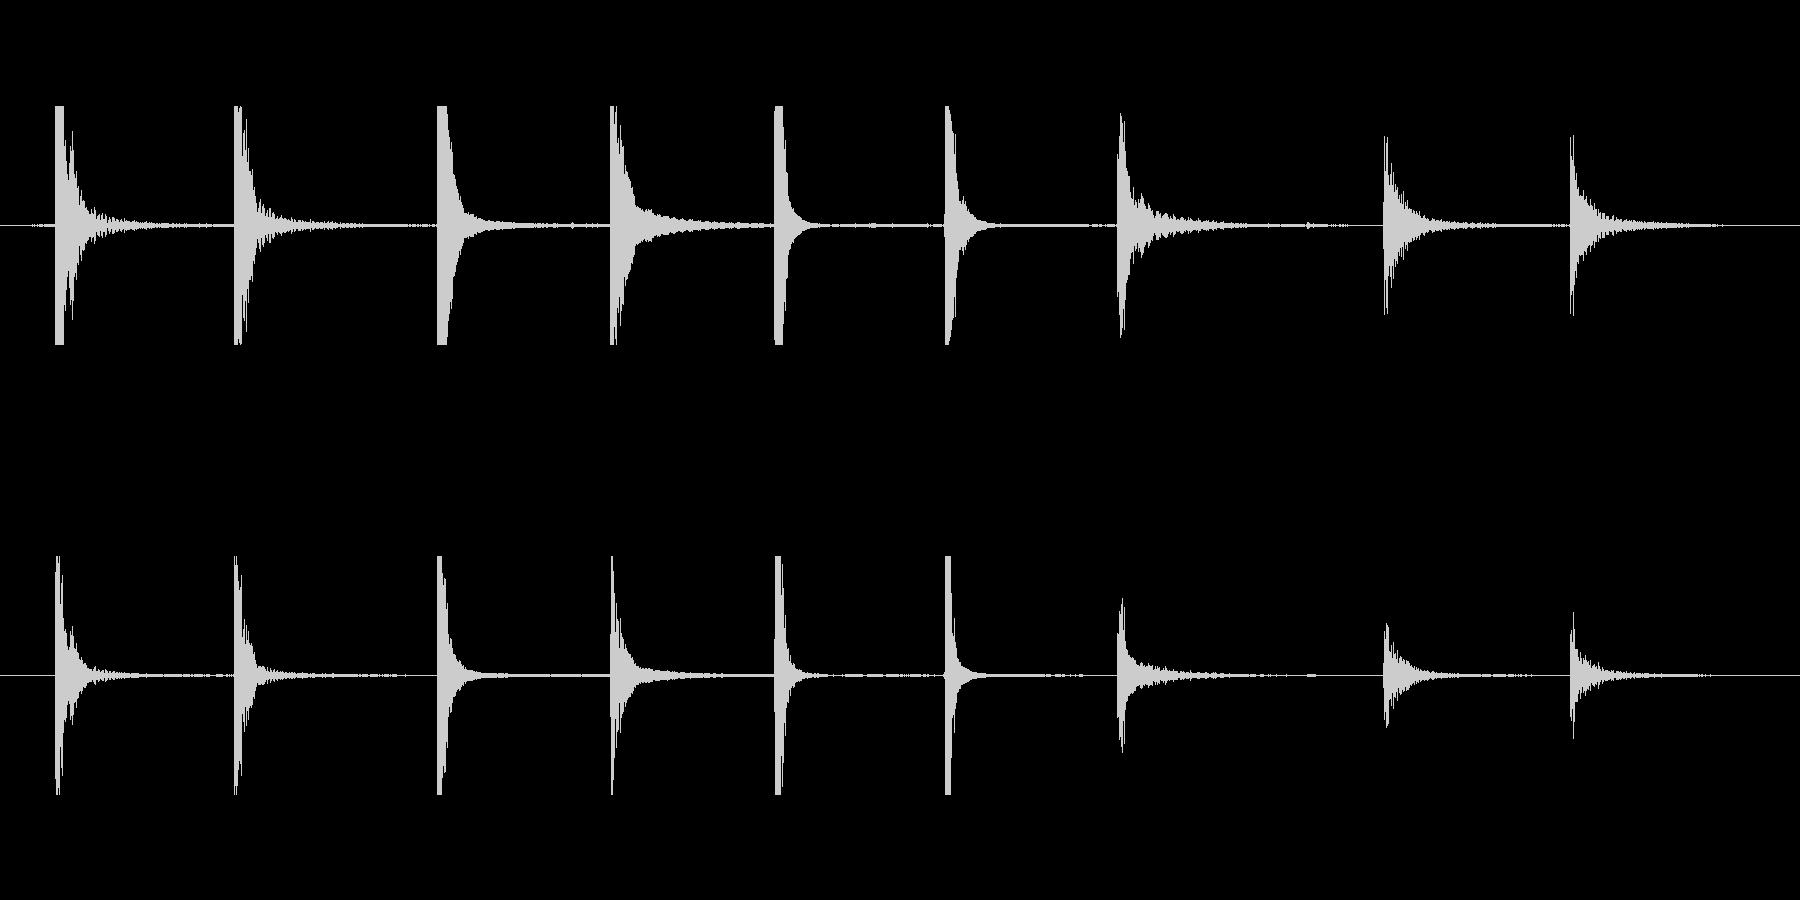 金属クランクパイプ低クラスターcの未再生の波形